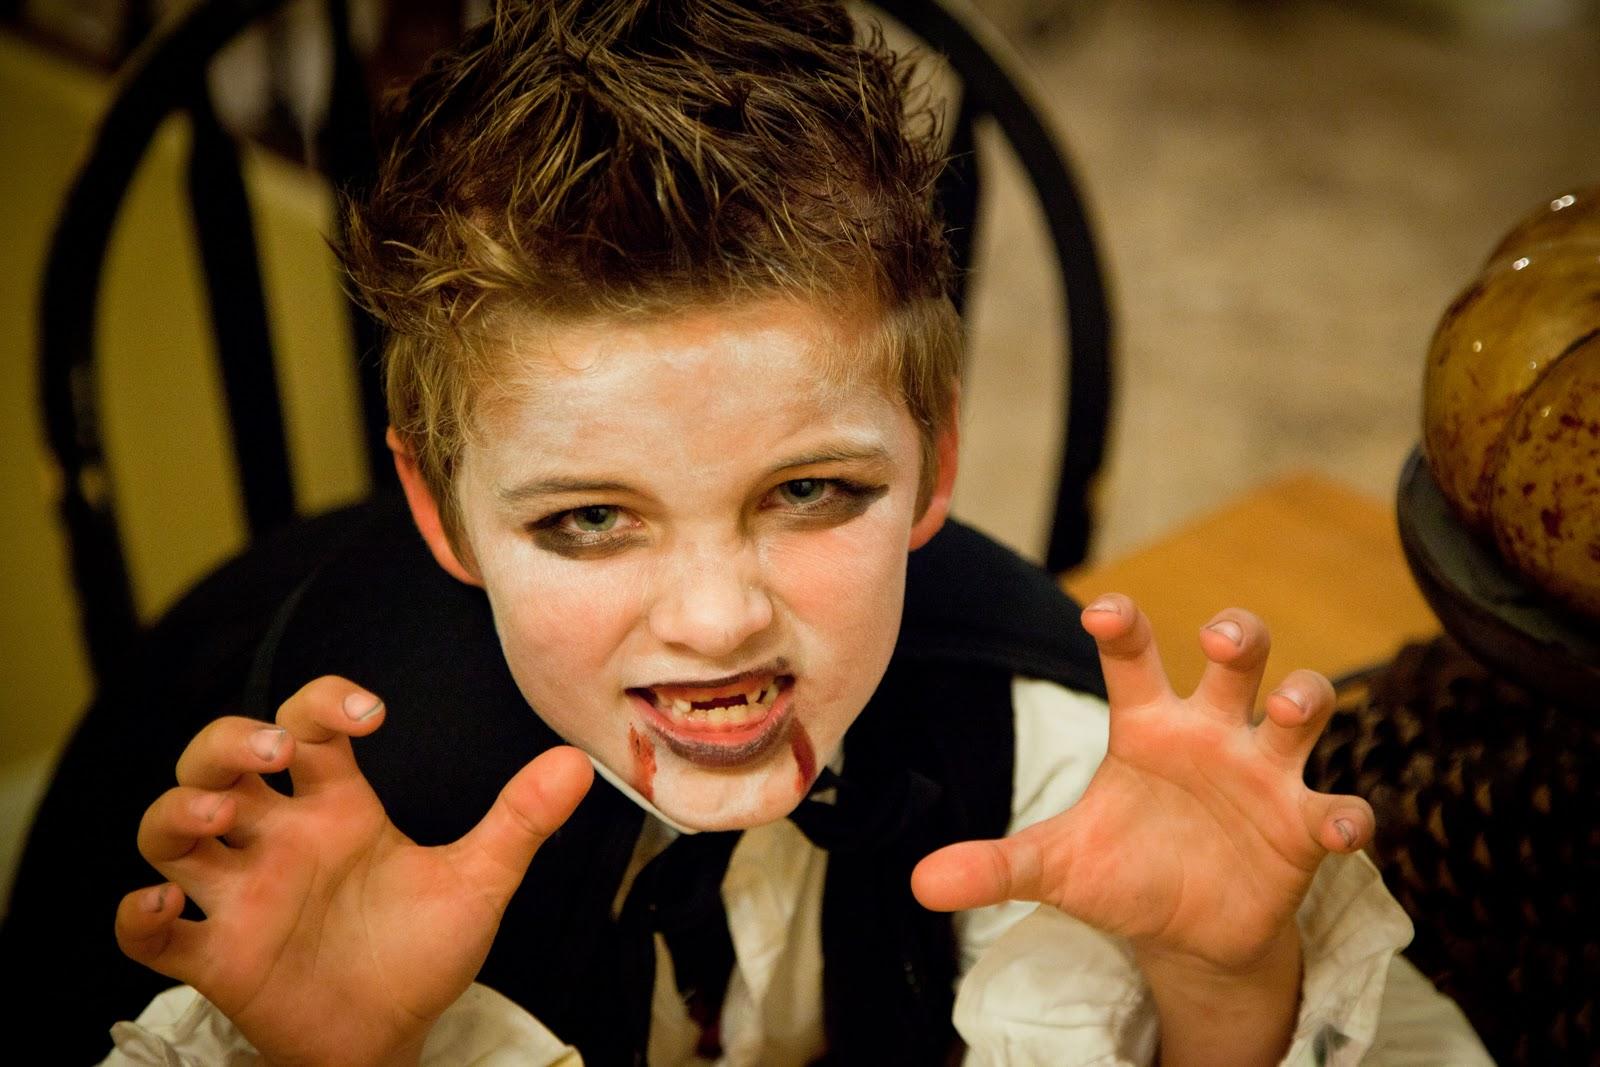 Wear His Vampire Makeup